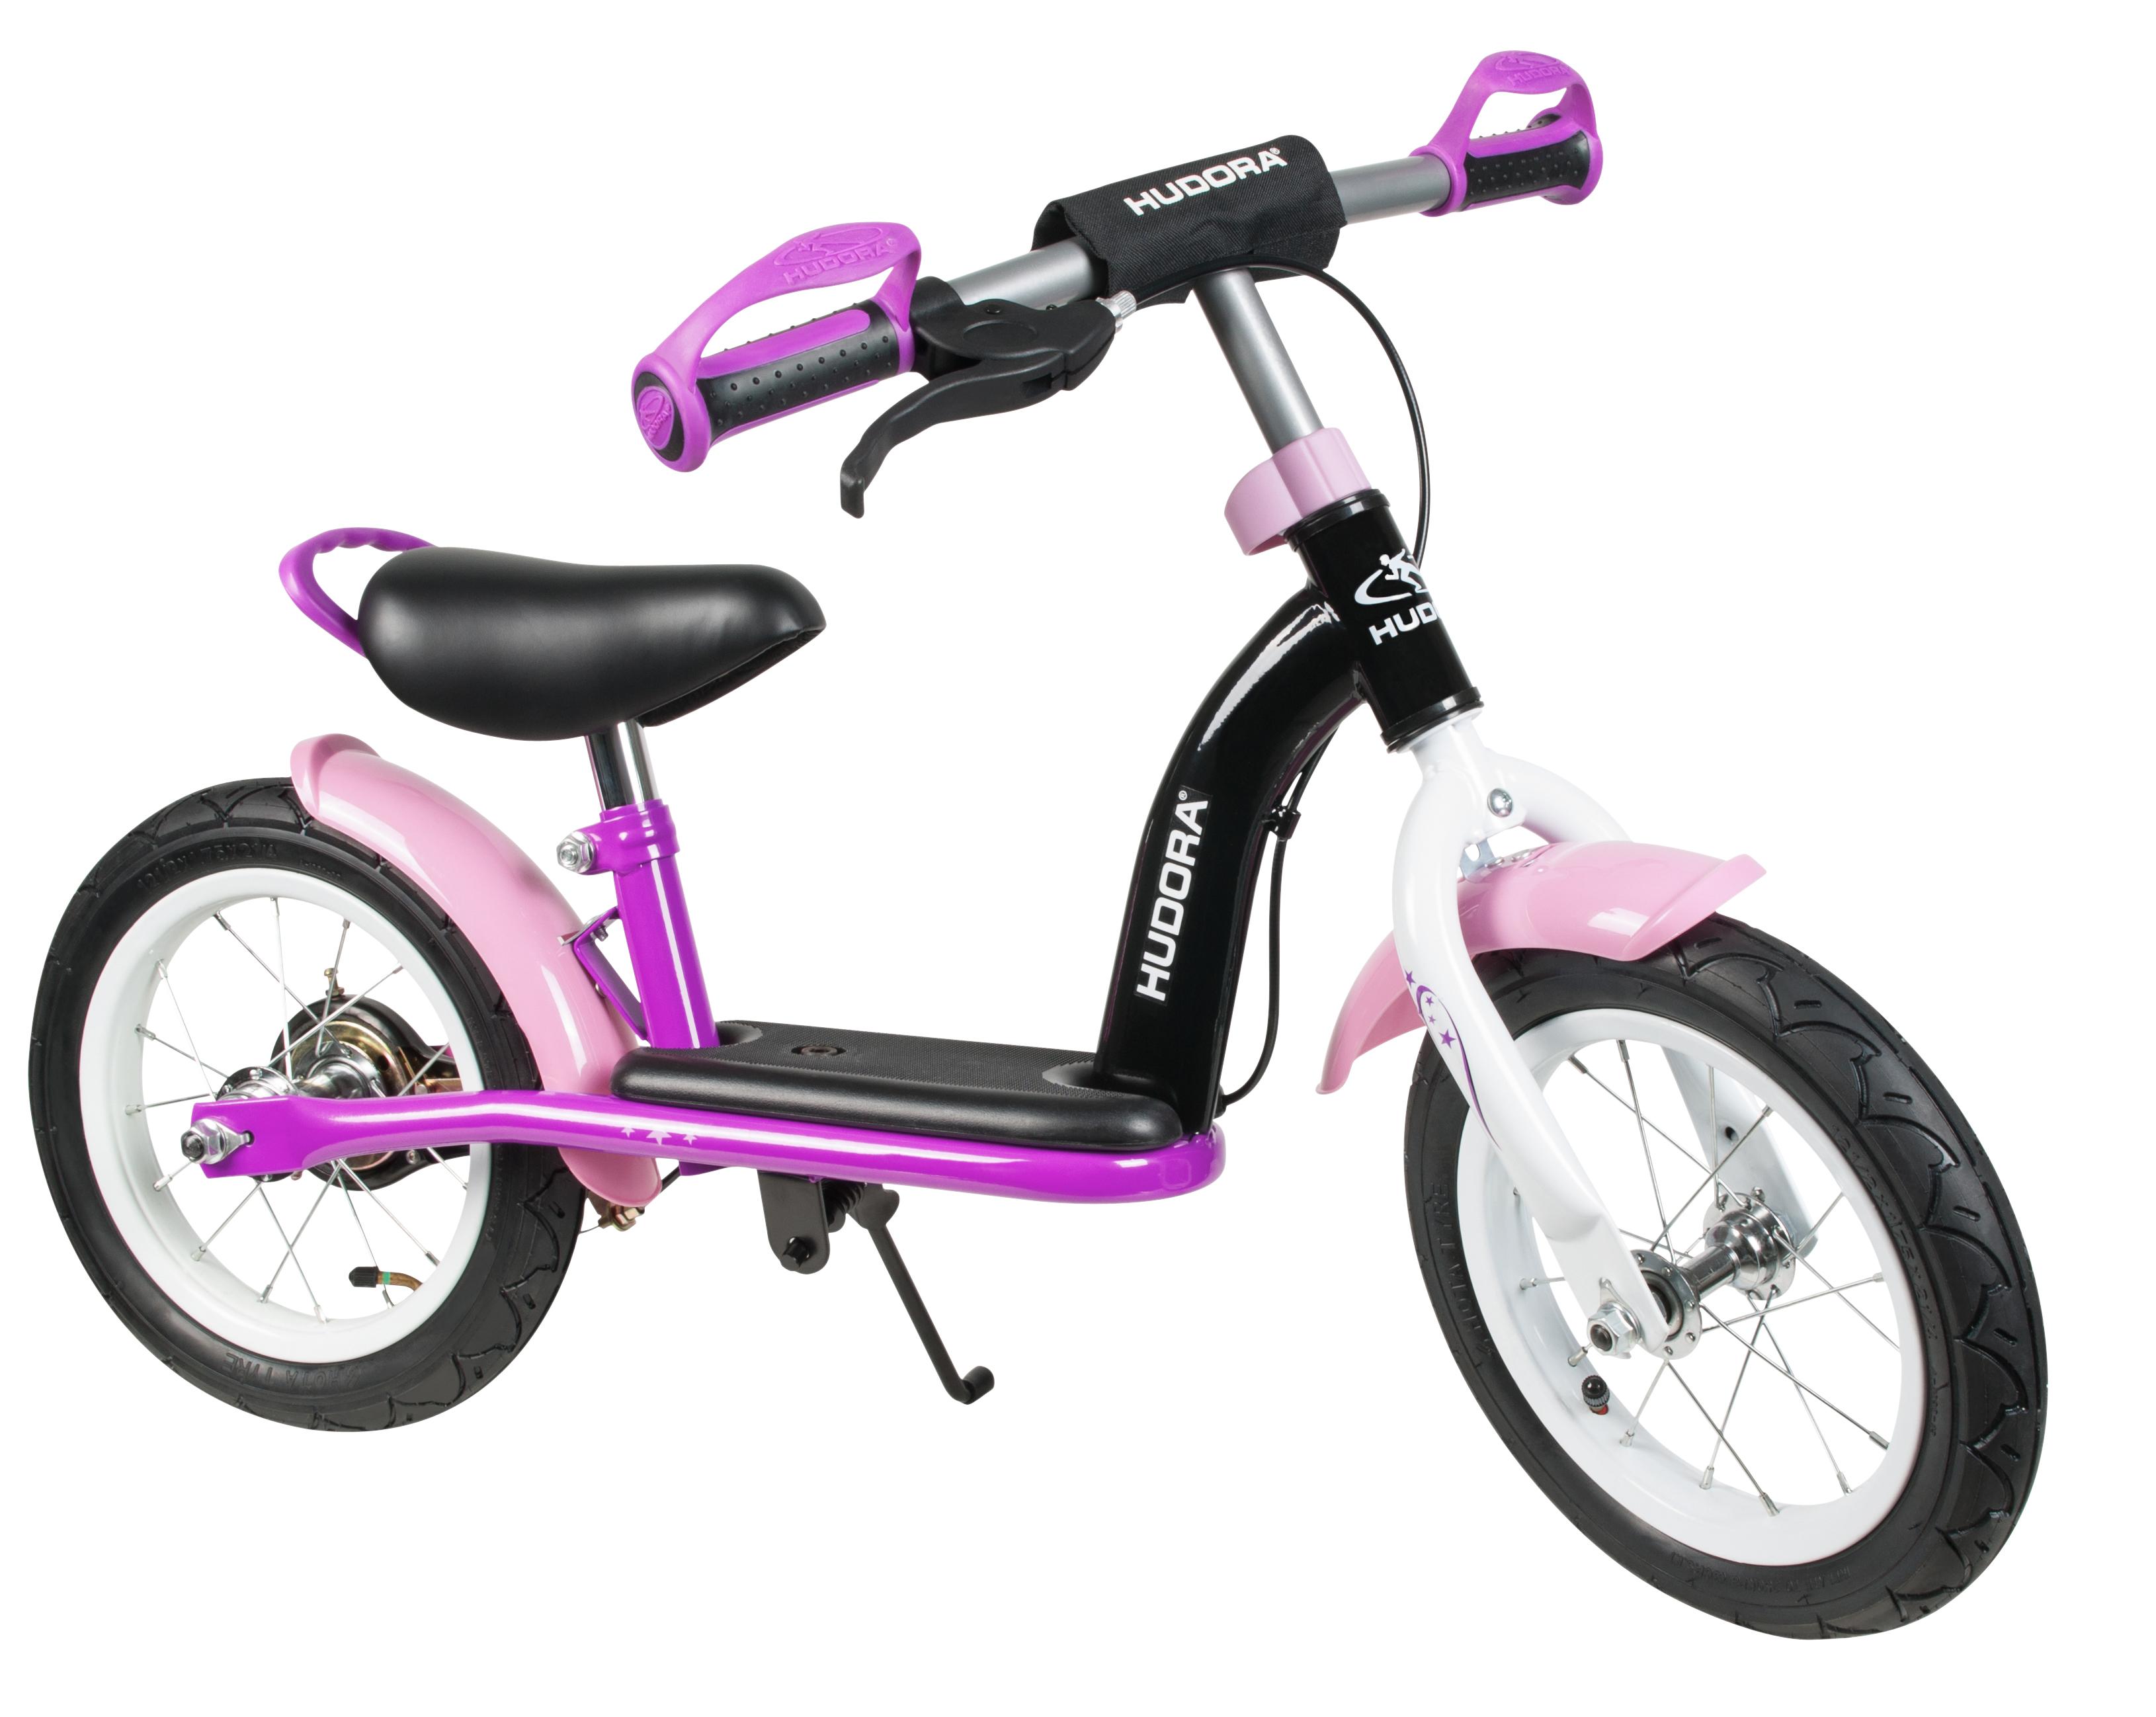 беговелы Беговел Hudora Беговел HUDORA Cruiser Girl, 12, розовый, 10067, розовый